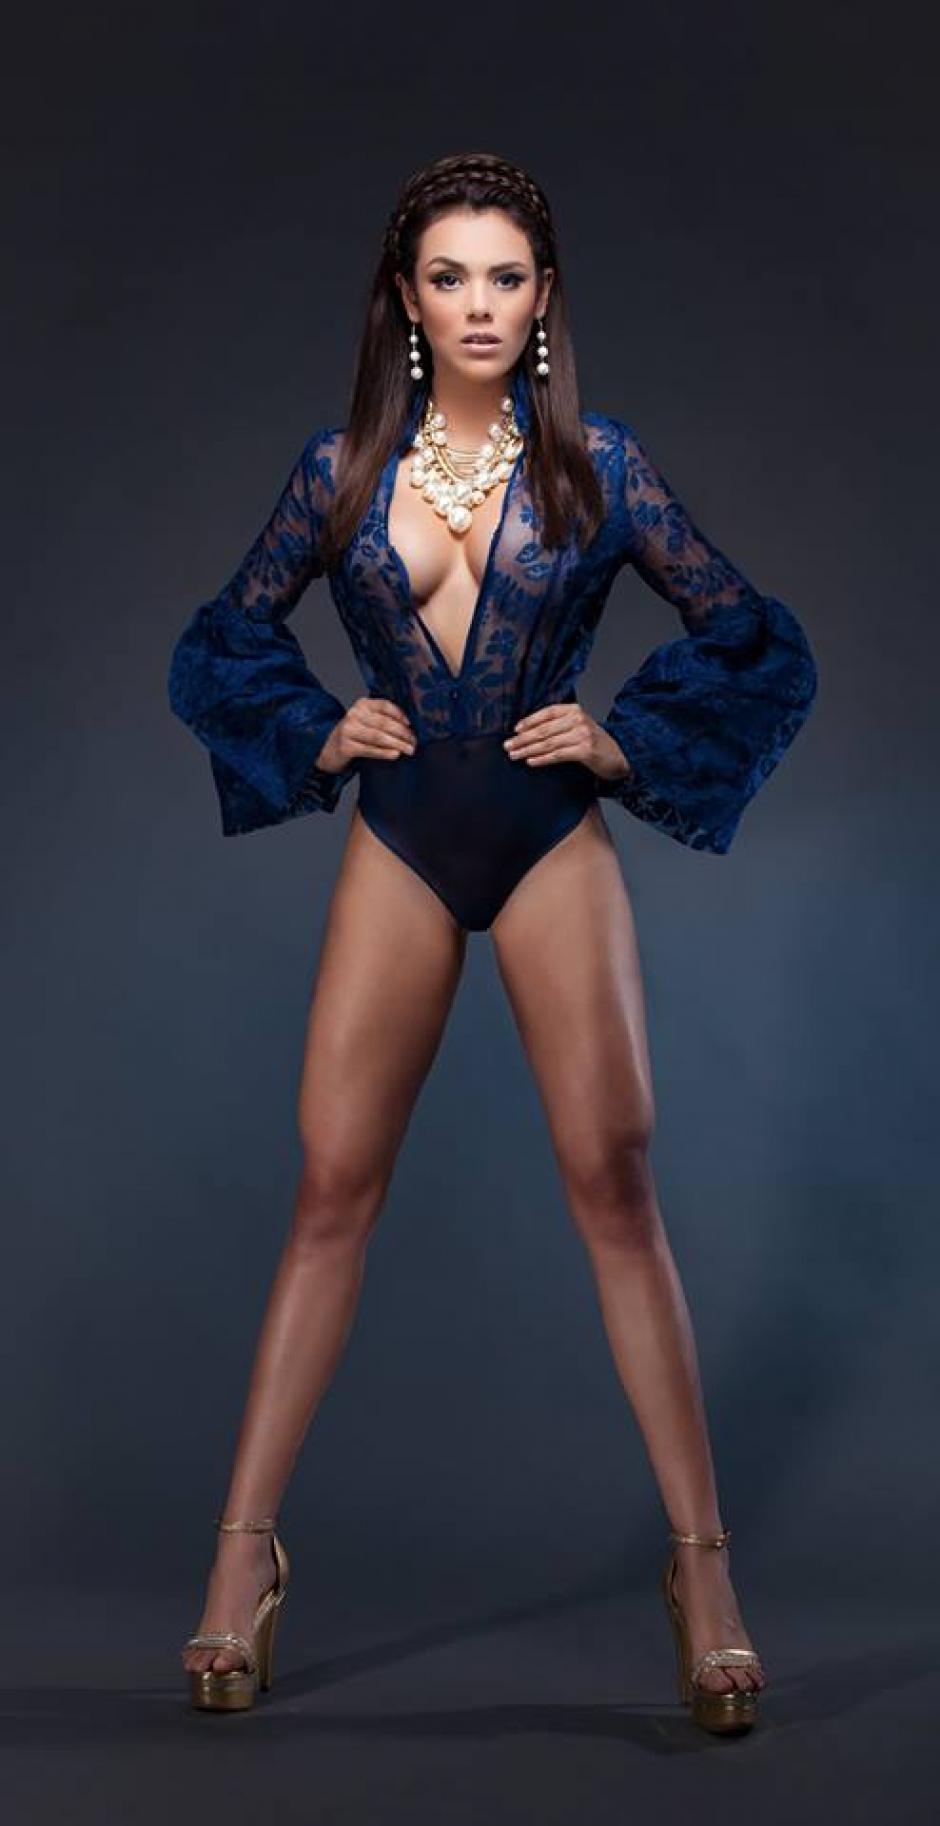 Virginia tambíén estará en la audiciones de Miss Guatemala US. (Foto: José Martínez)